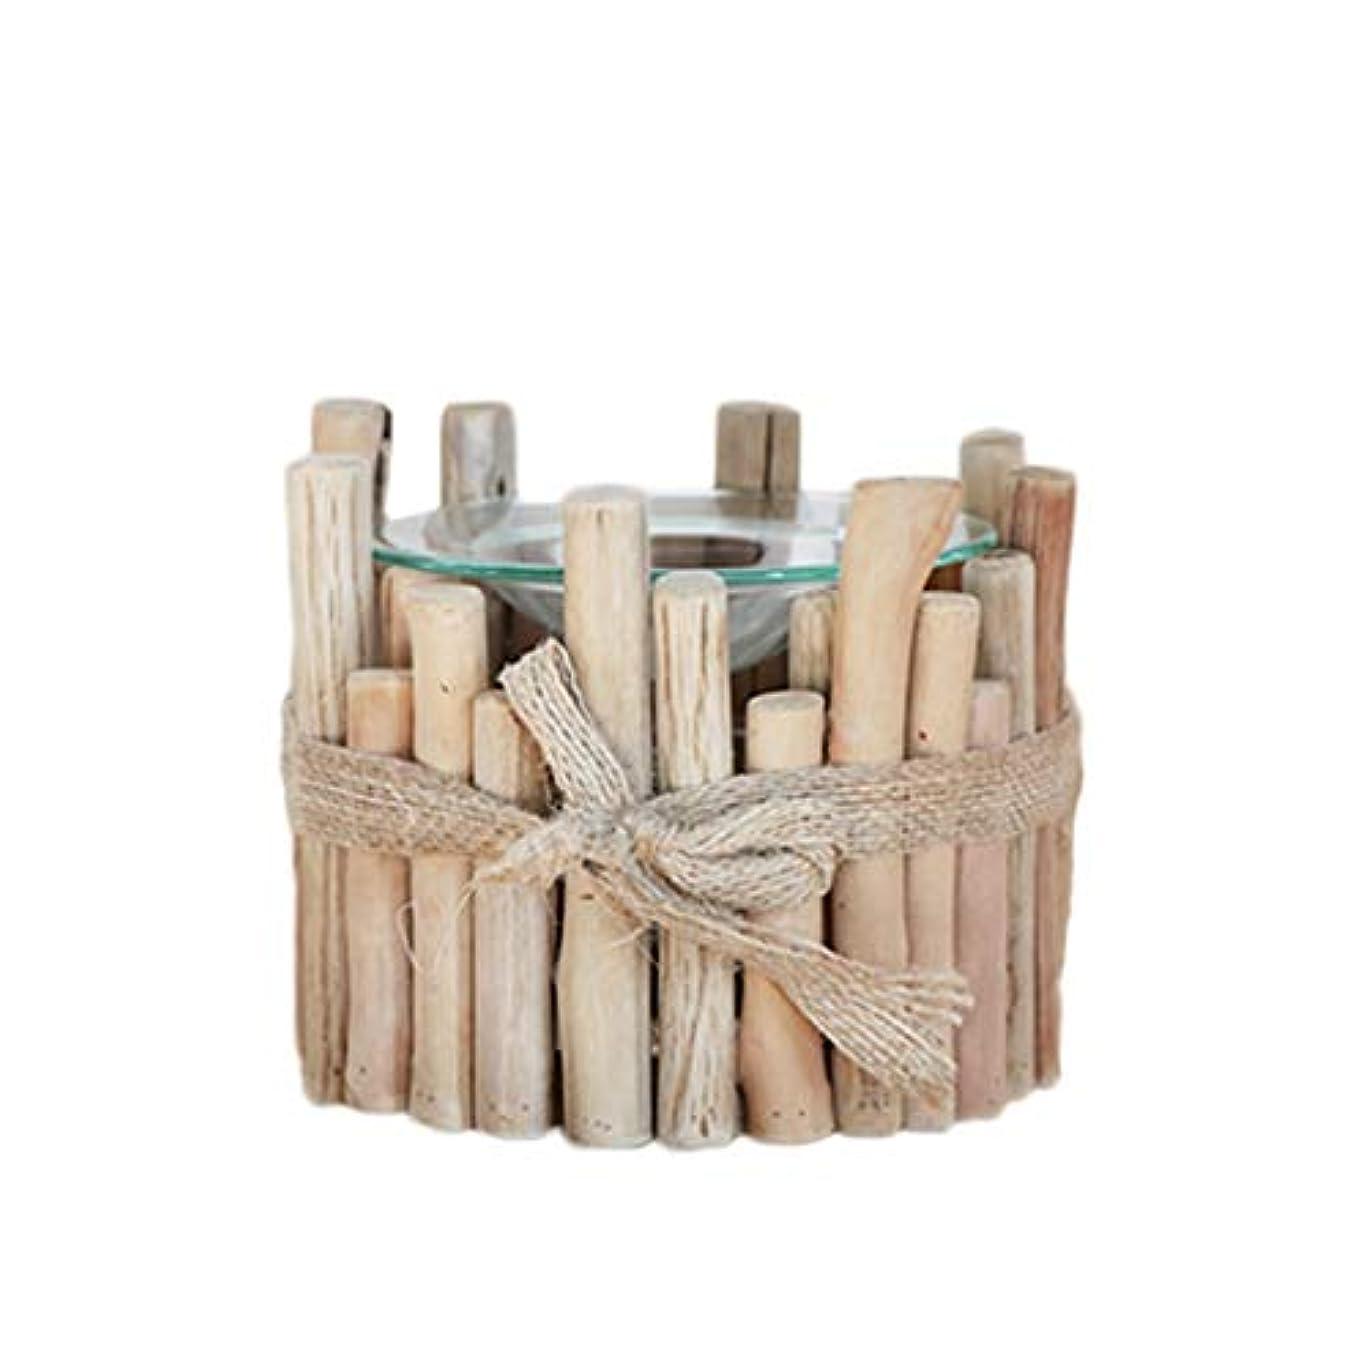 使用法気づく三番家庭用木材香ホルダーエッセンシャルオイルアロマ燭台香バーナー寝室アロマセラピー炉香バーナーホルダー 芳香器?アロマバーナー (Color : D)